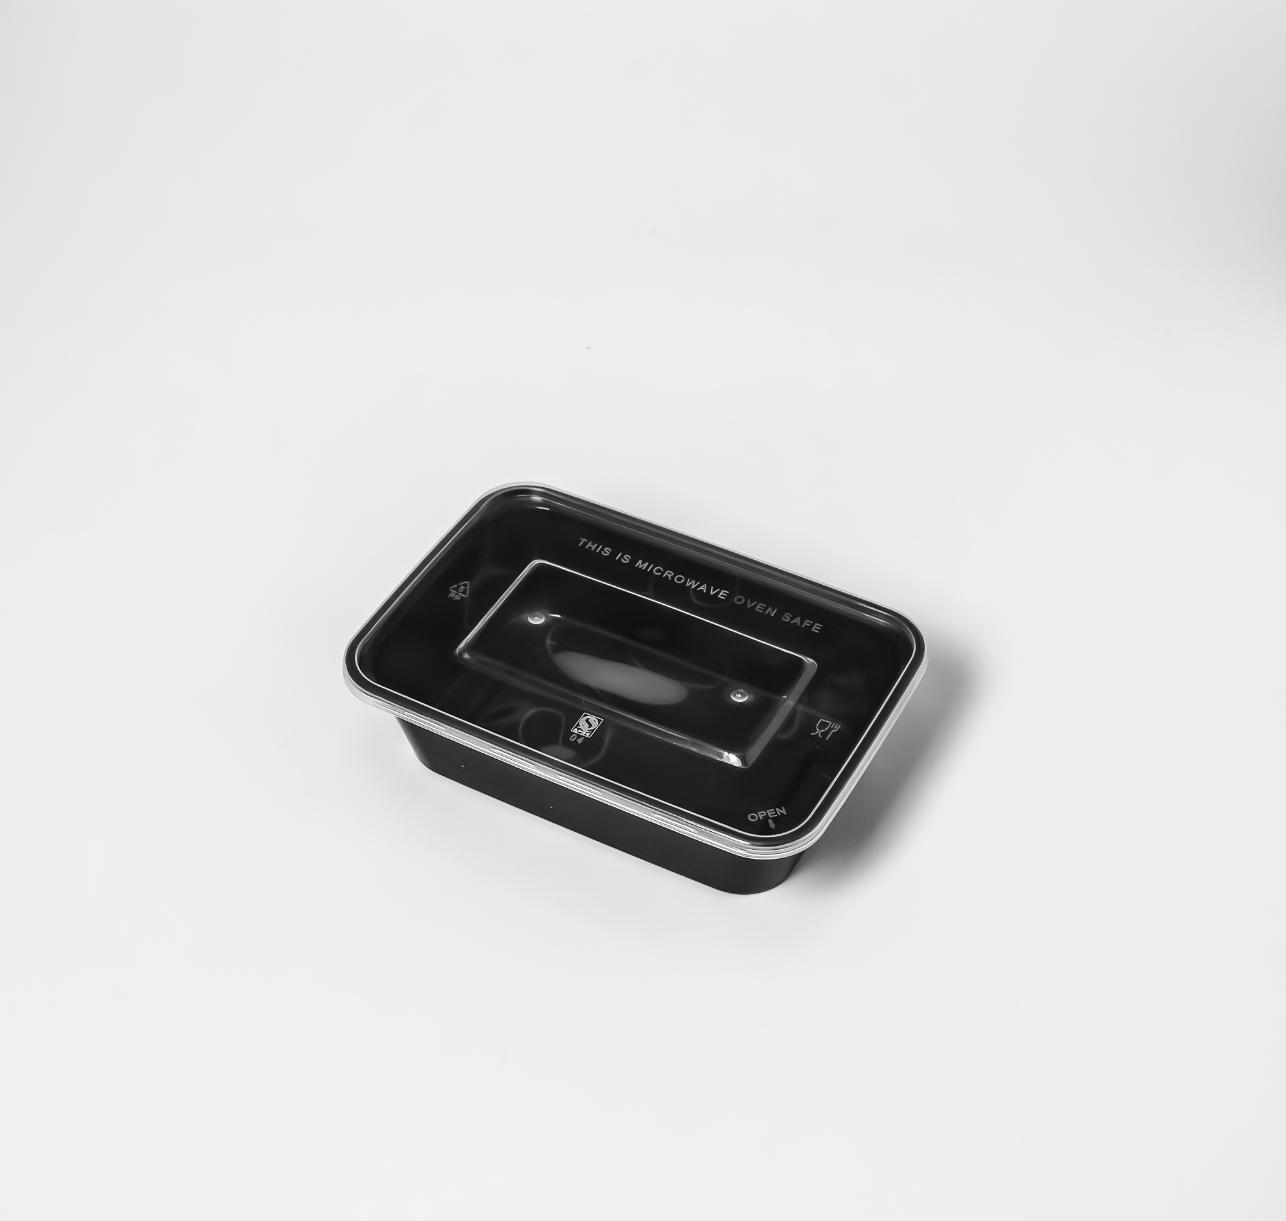 กล่องอาหารพลาสติก 1 ช่อง simple 650ml super-lock